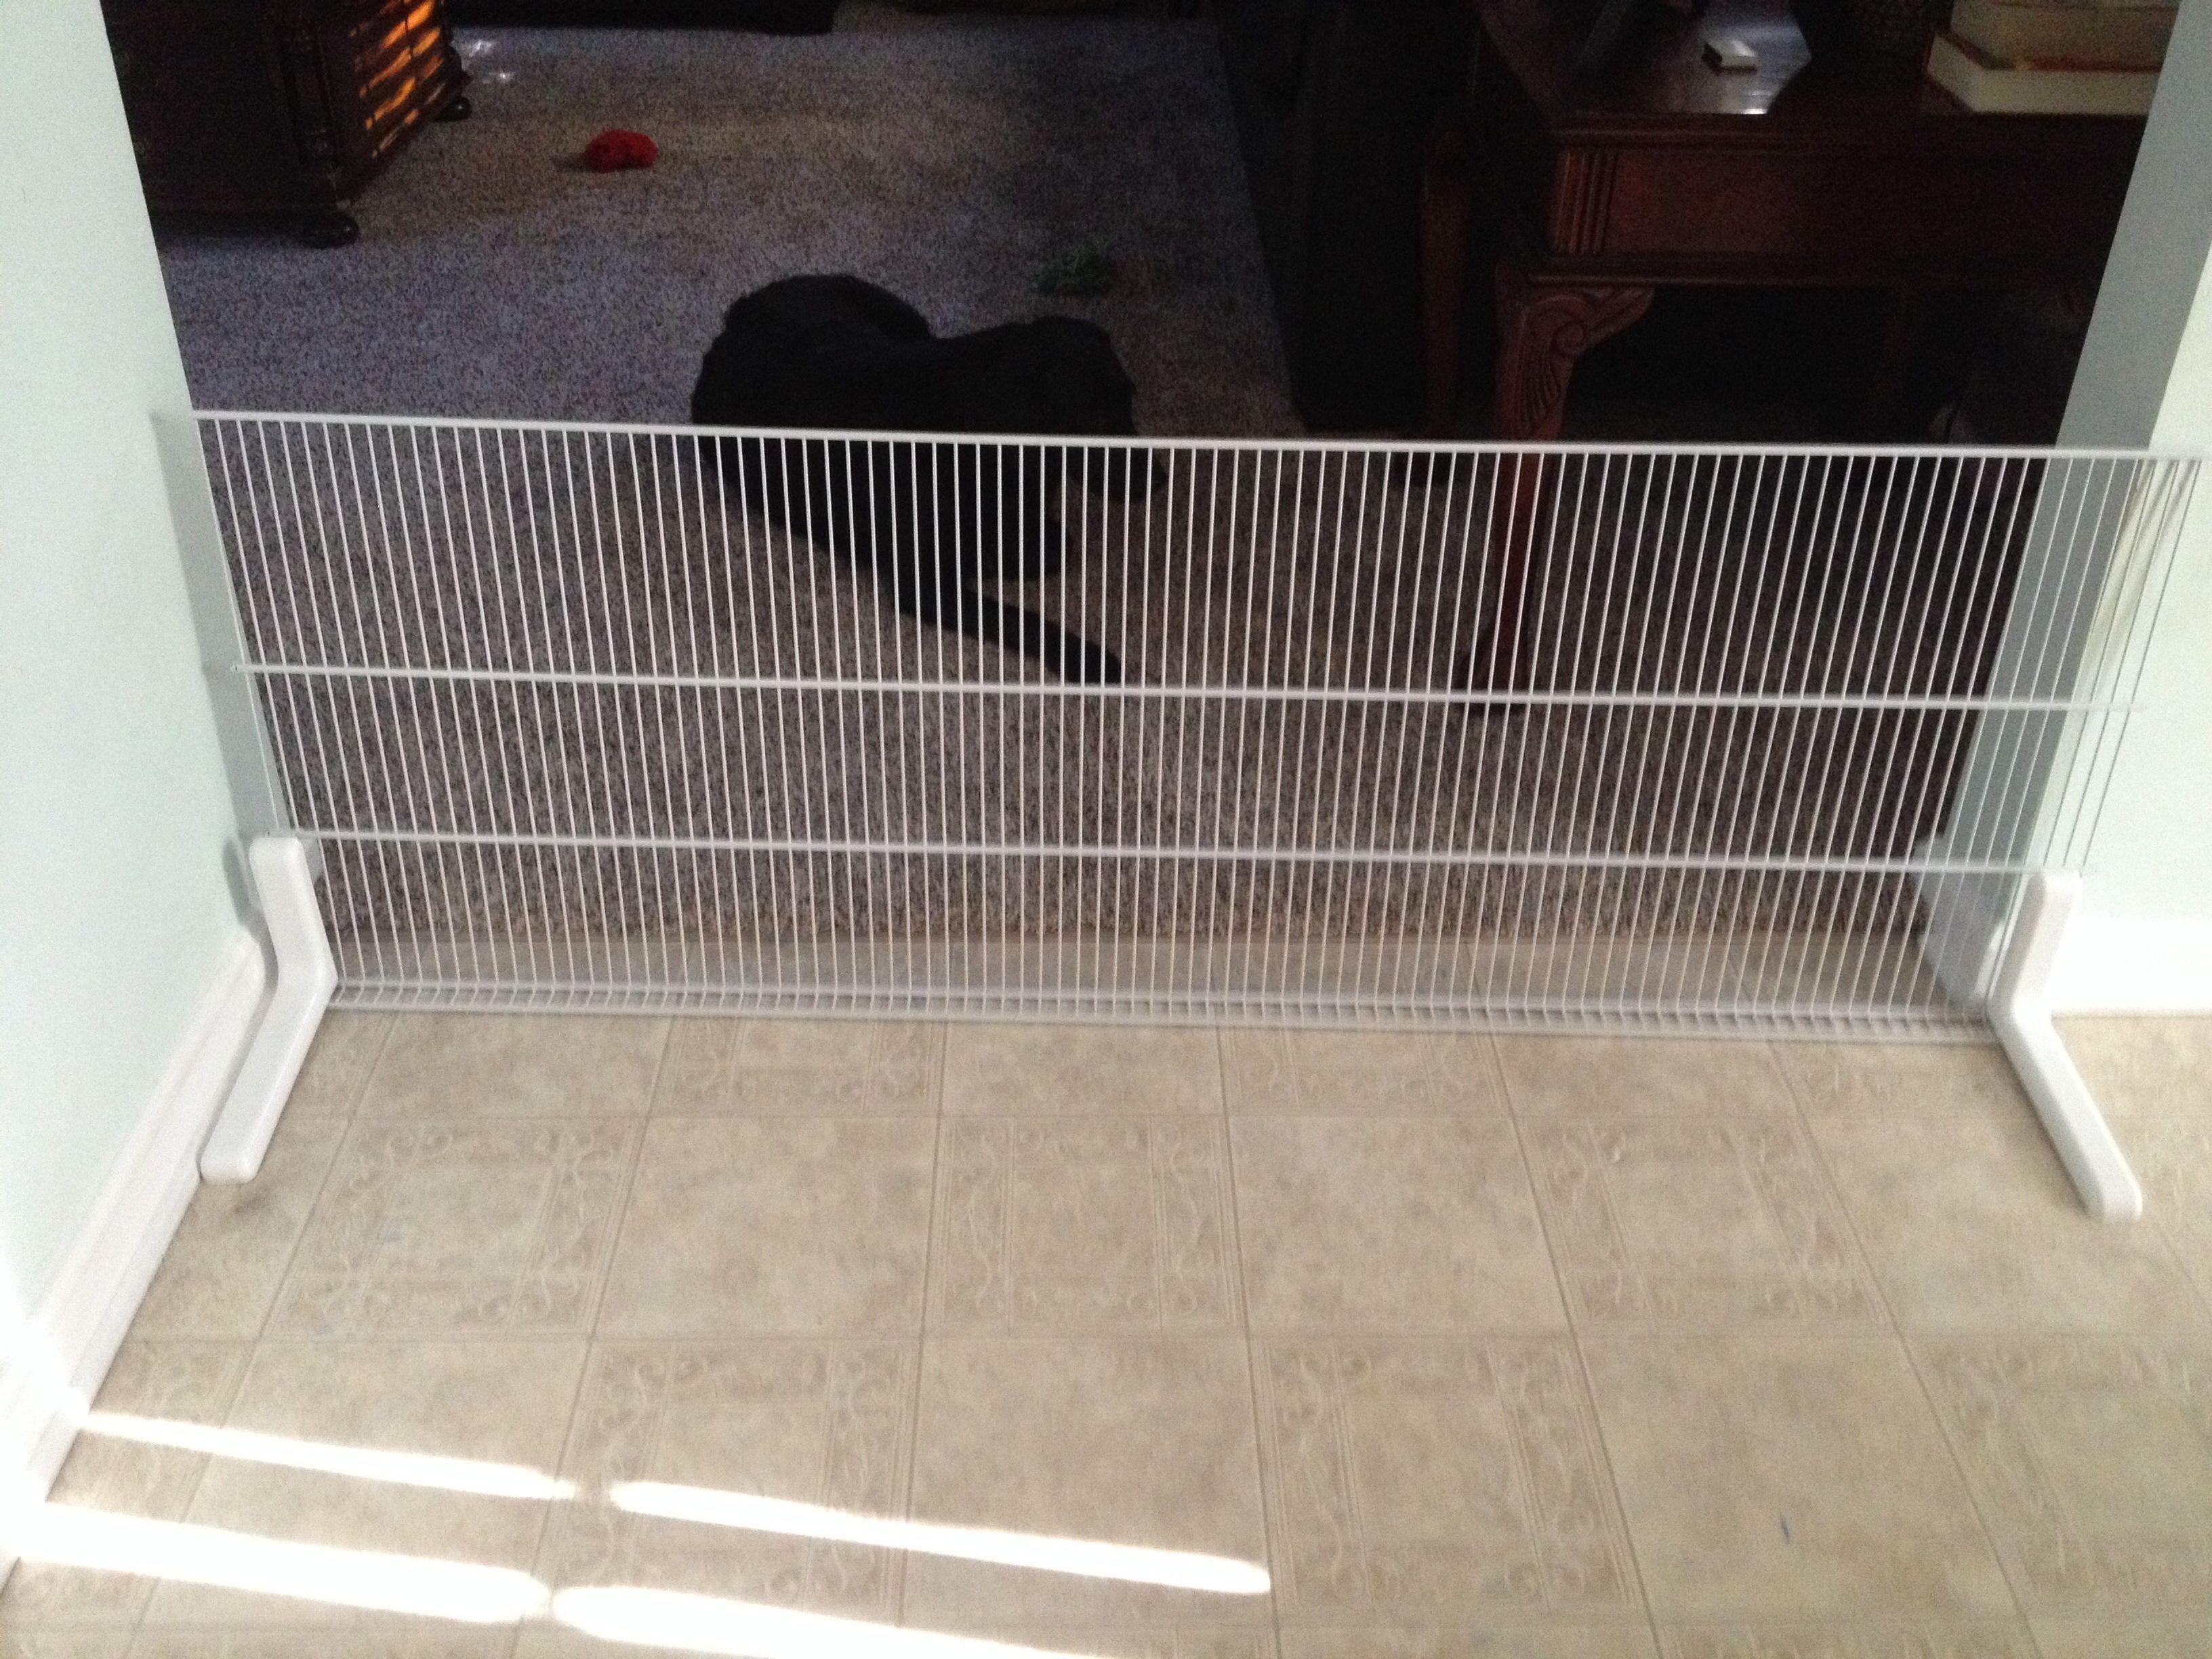 Diy Pet Gate Pet Gate Diy Dog Gate Pet Gate Cat Gate